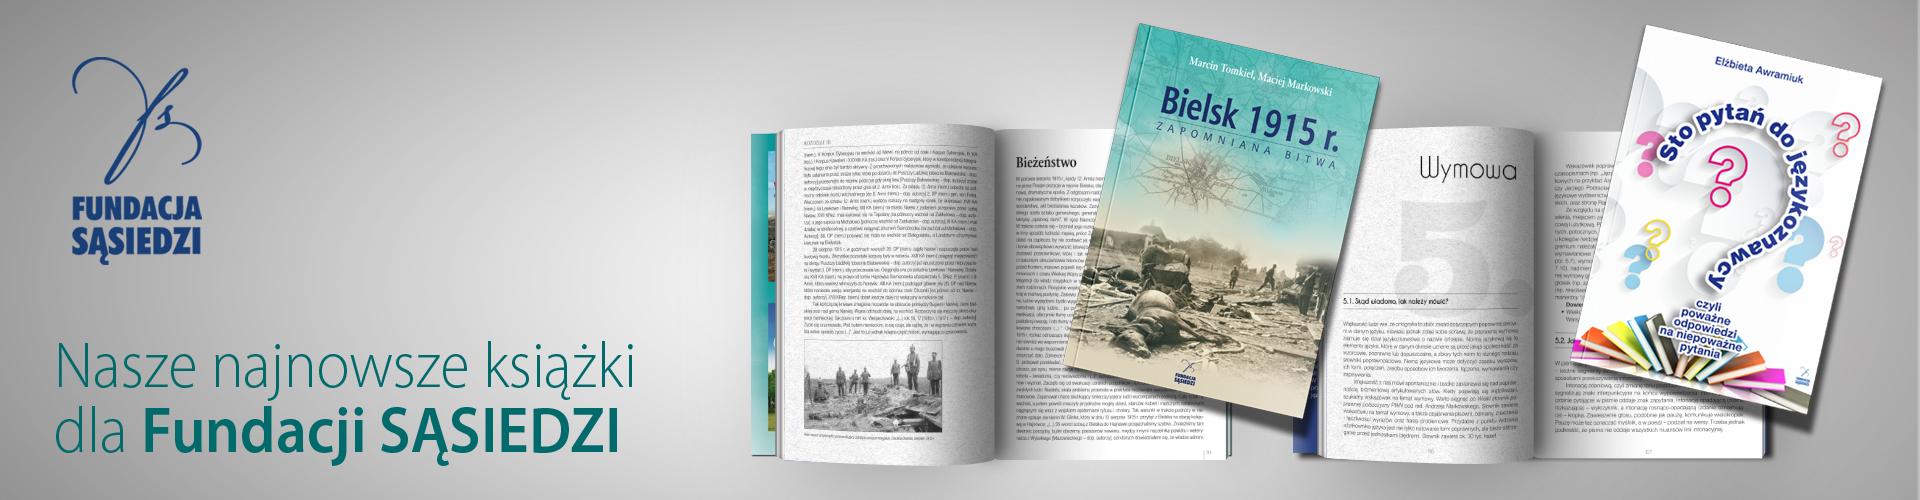 Nowe książki dla Fundacji SĄSIEDZI